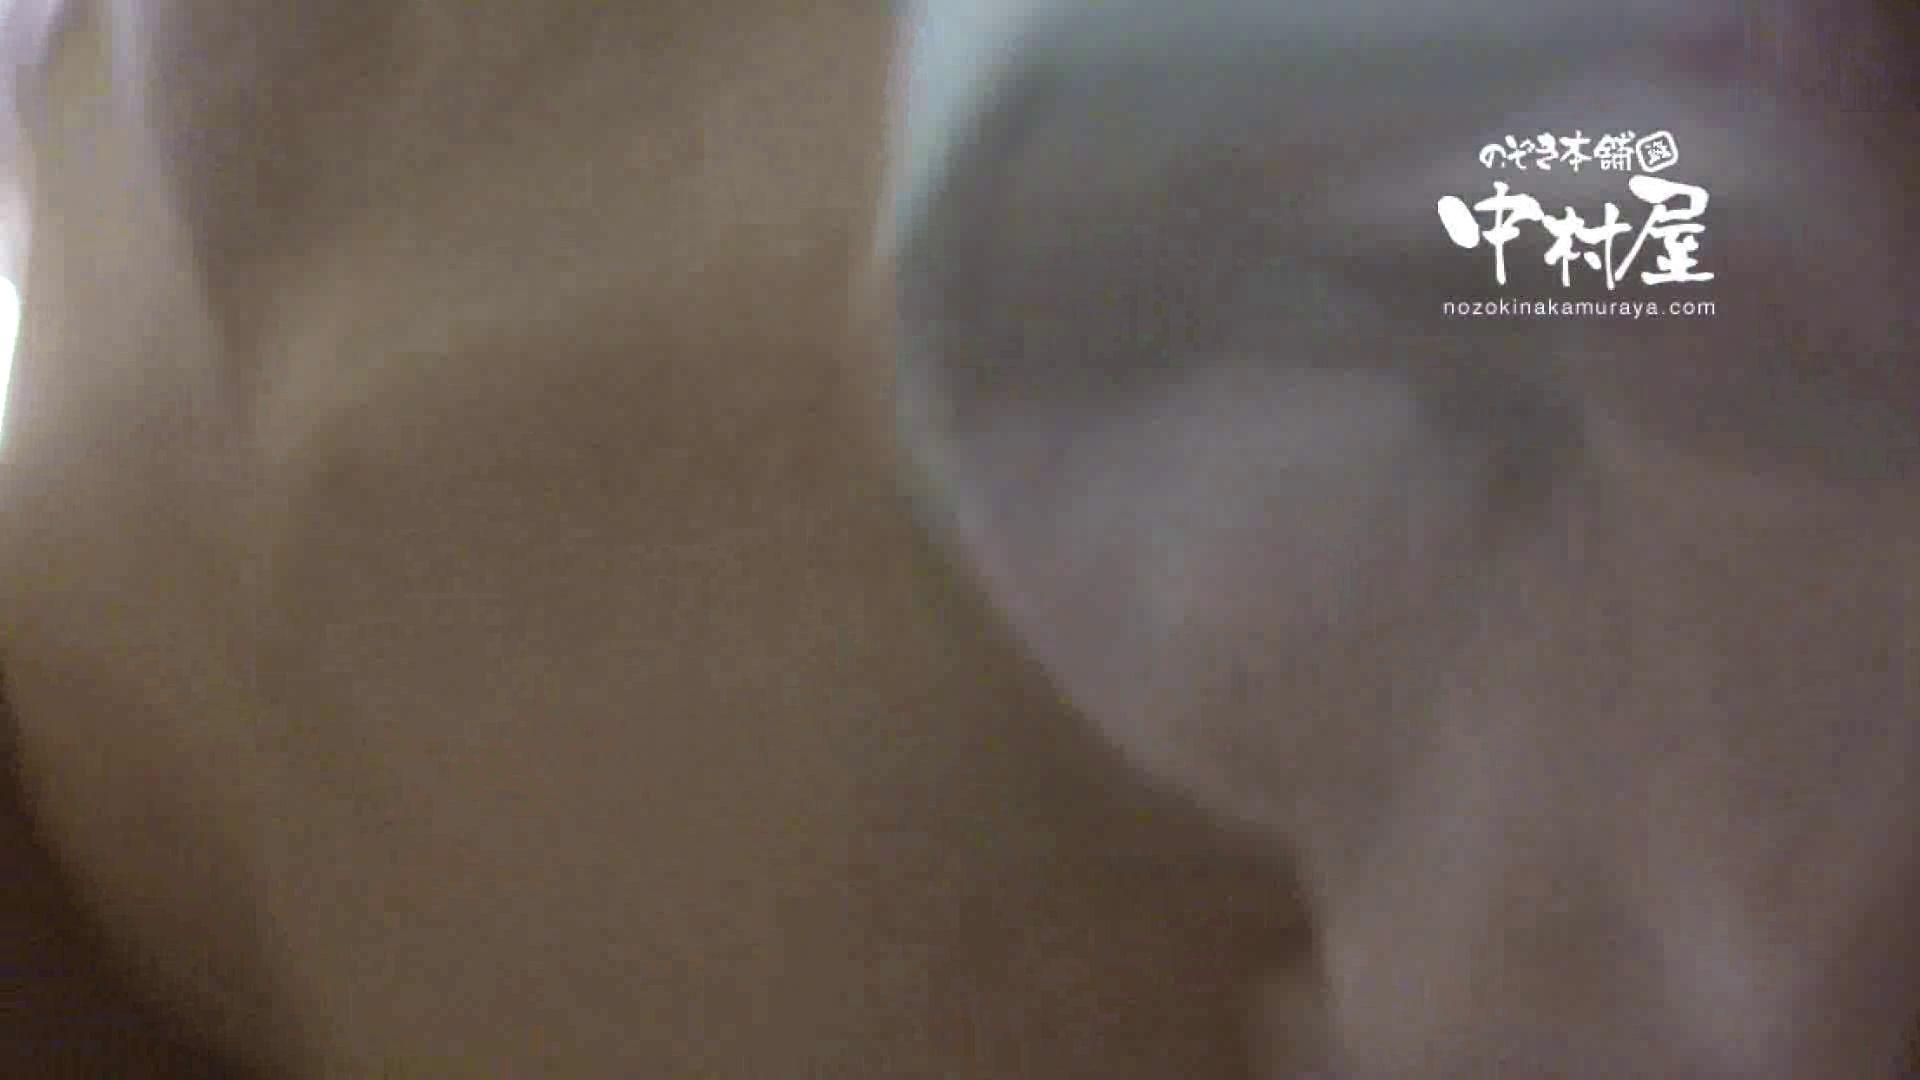 鬼畜 vol.18 居酒屋バイト時代の同僚に中出ししてみる 後編 OLのエロ生活 エロ画像 94連発 29